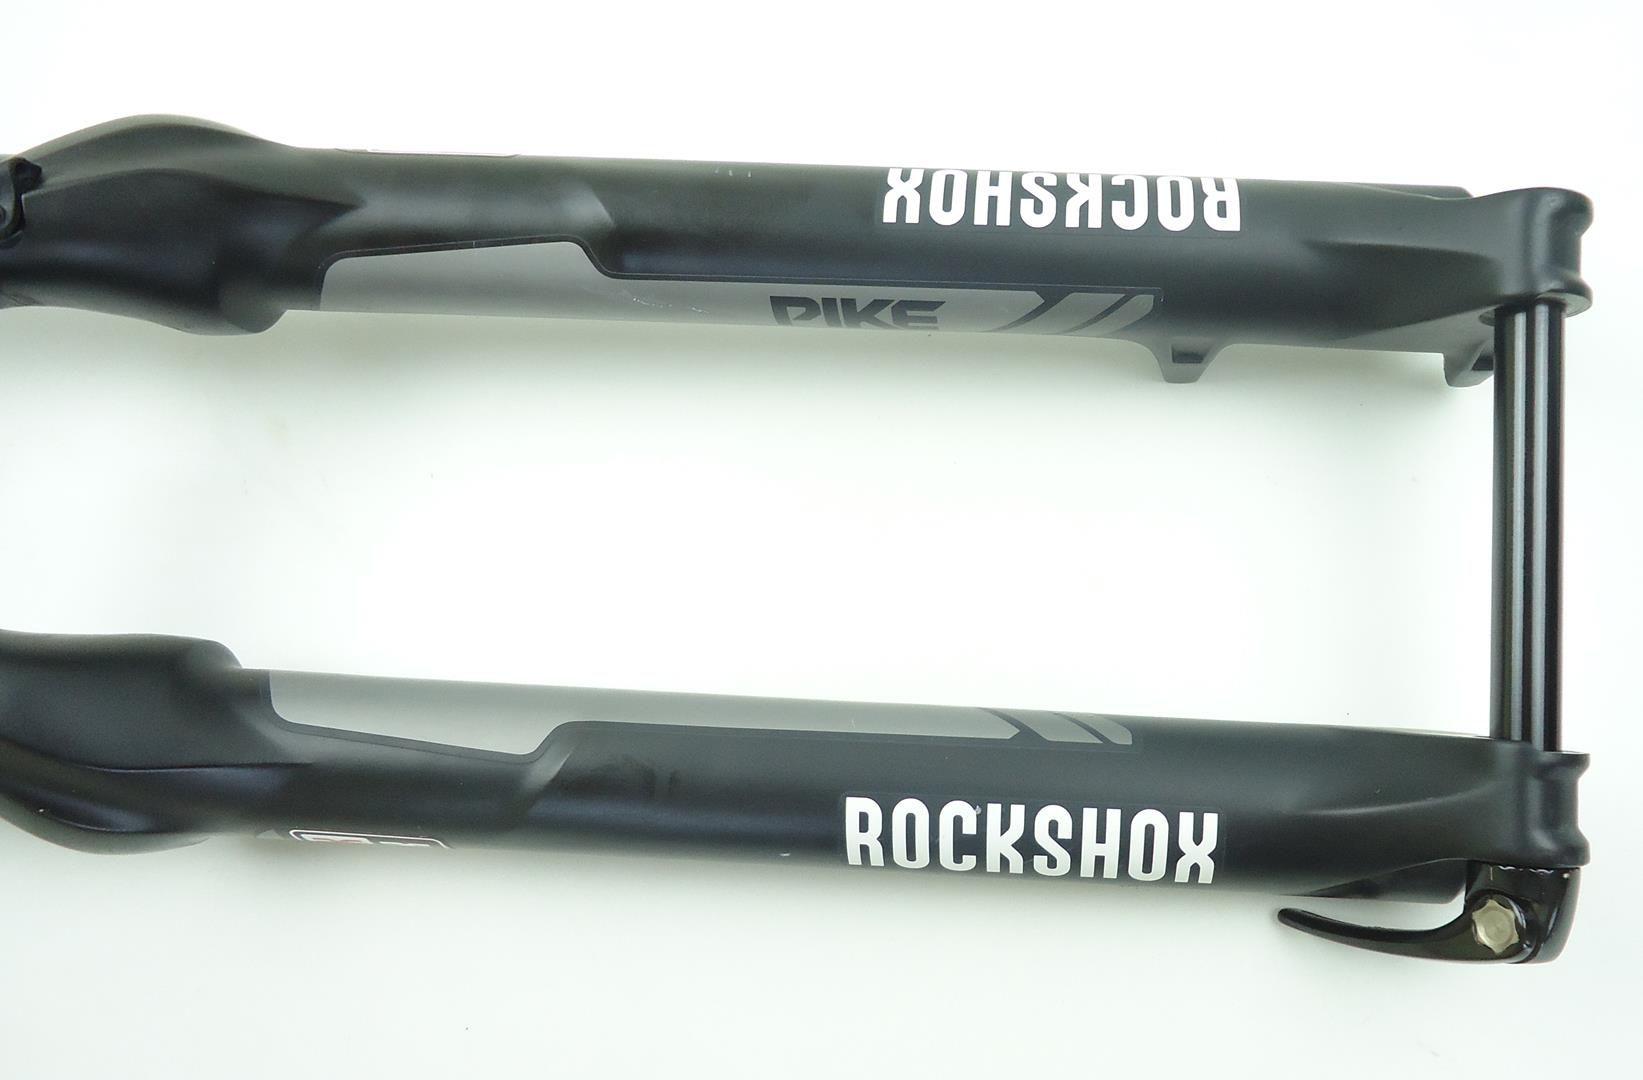 Suspensão Rock Shox Pike 29 160mm Eixo 15x100 2016 Preta Espiga Tapered - USADO